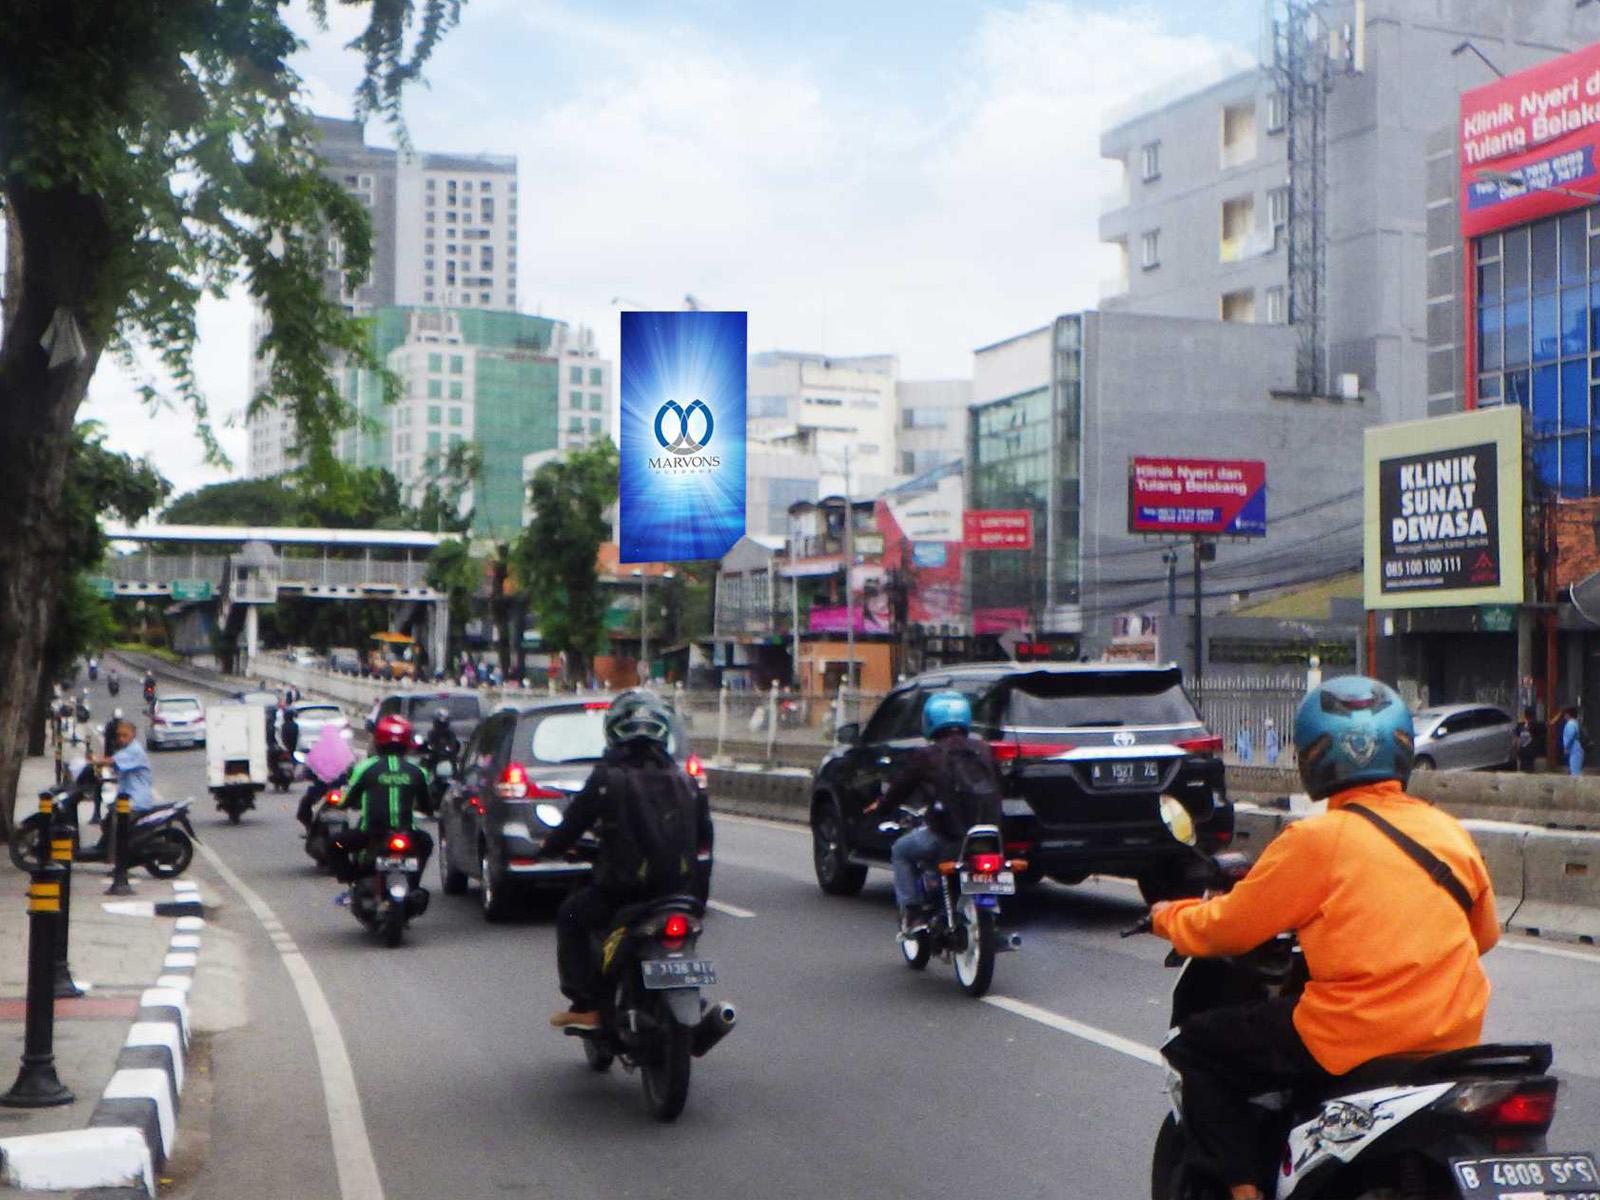 PT. Marvons Media Utama - Warung Jati Barat (Seberang UHAMKA) (MV 135) - 6 m x 12 m x 1 mk Vertikal